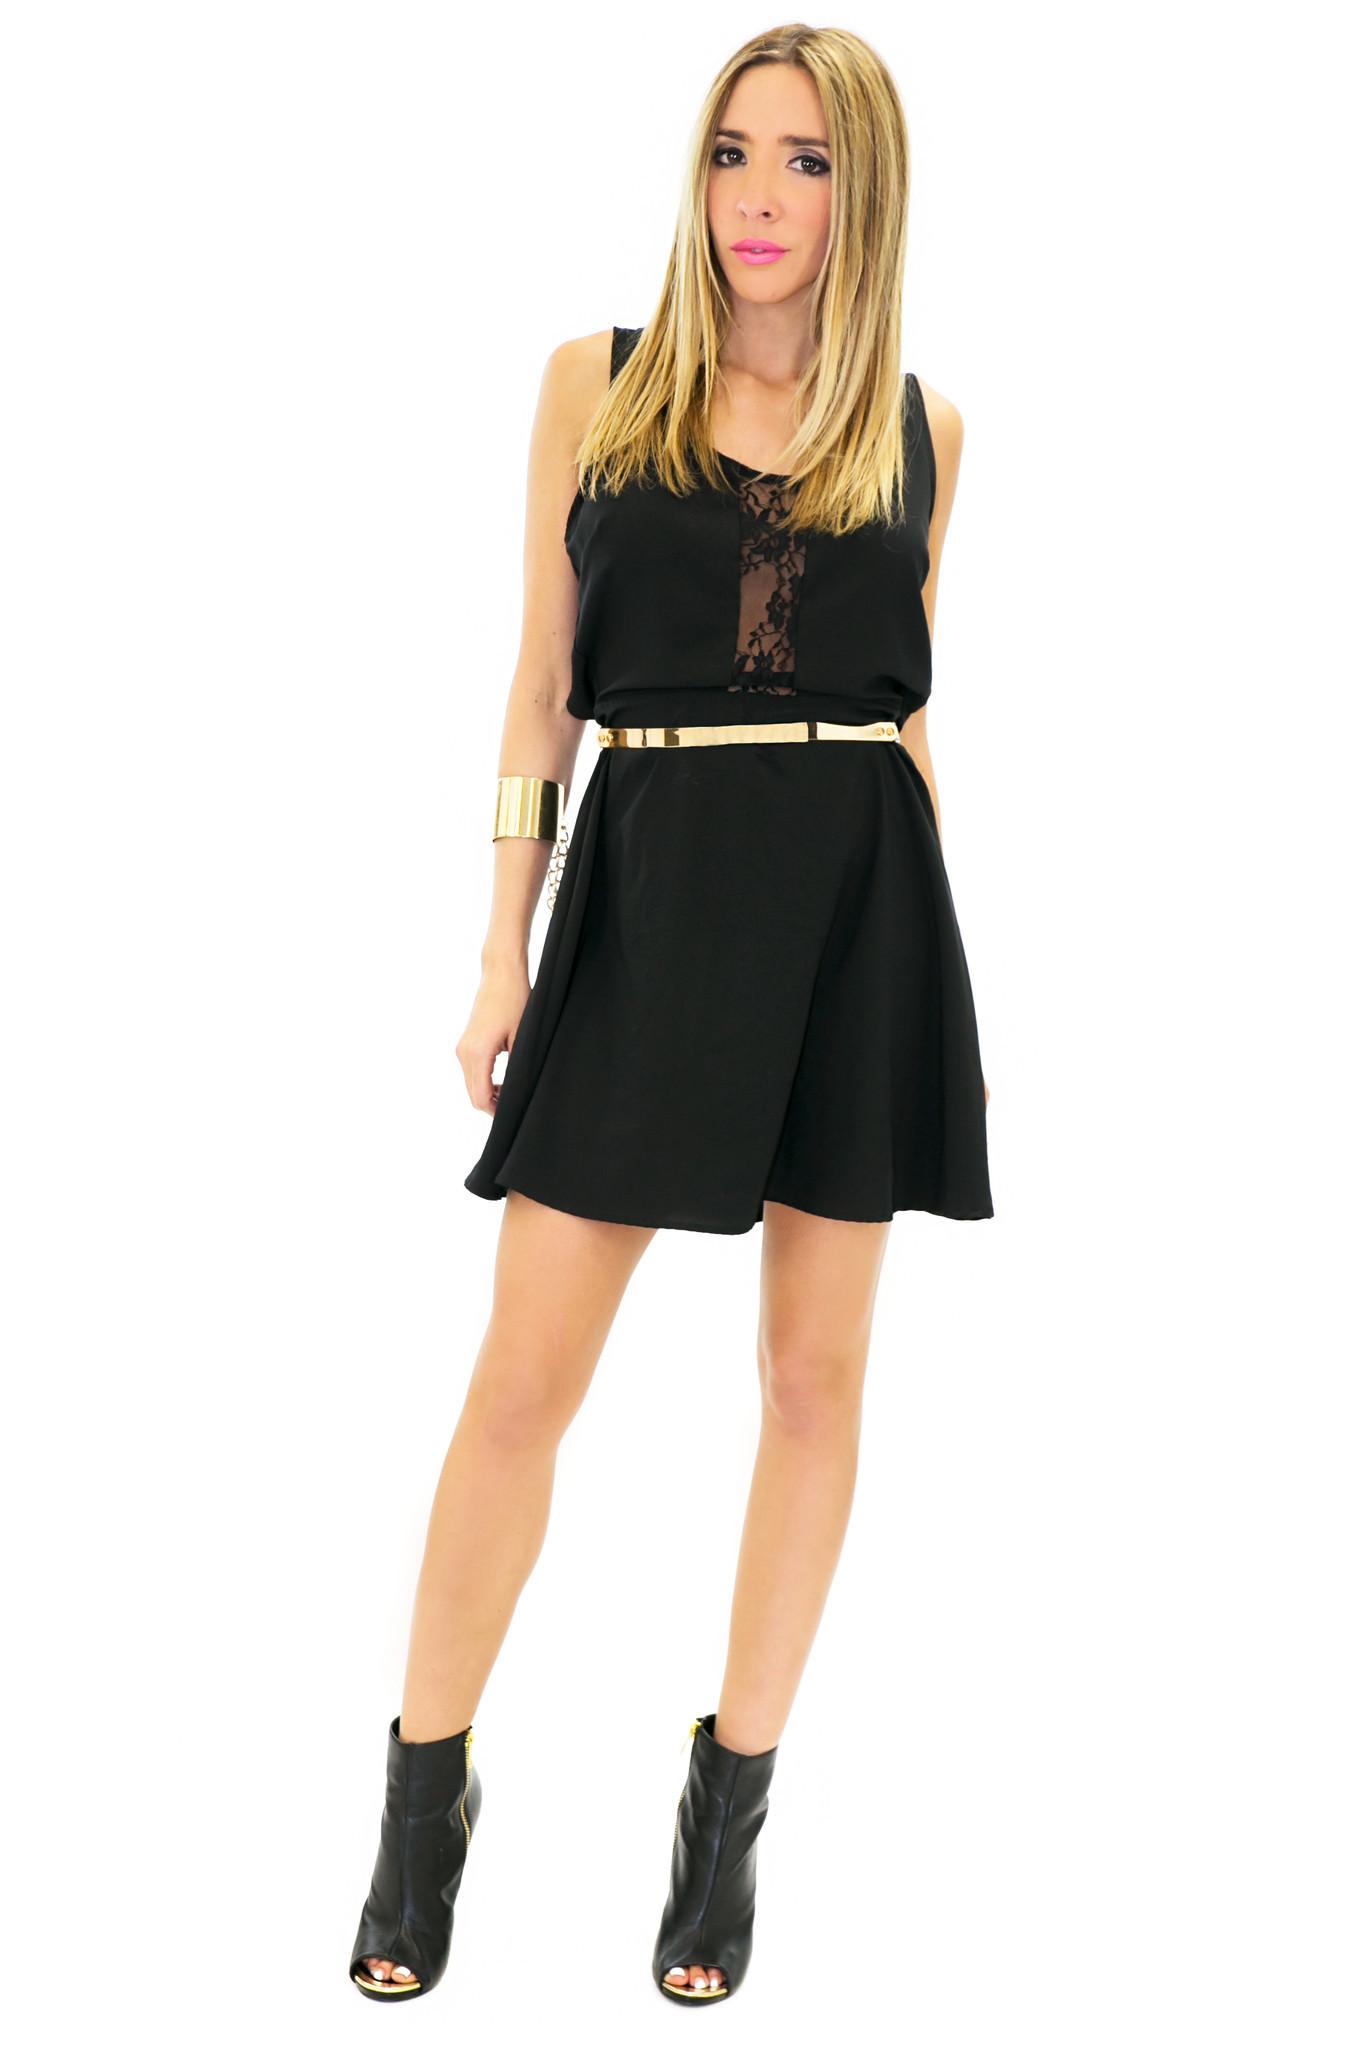 Janet lace cutout dress